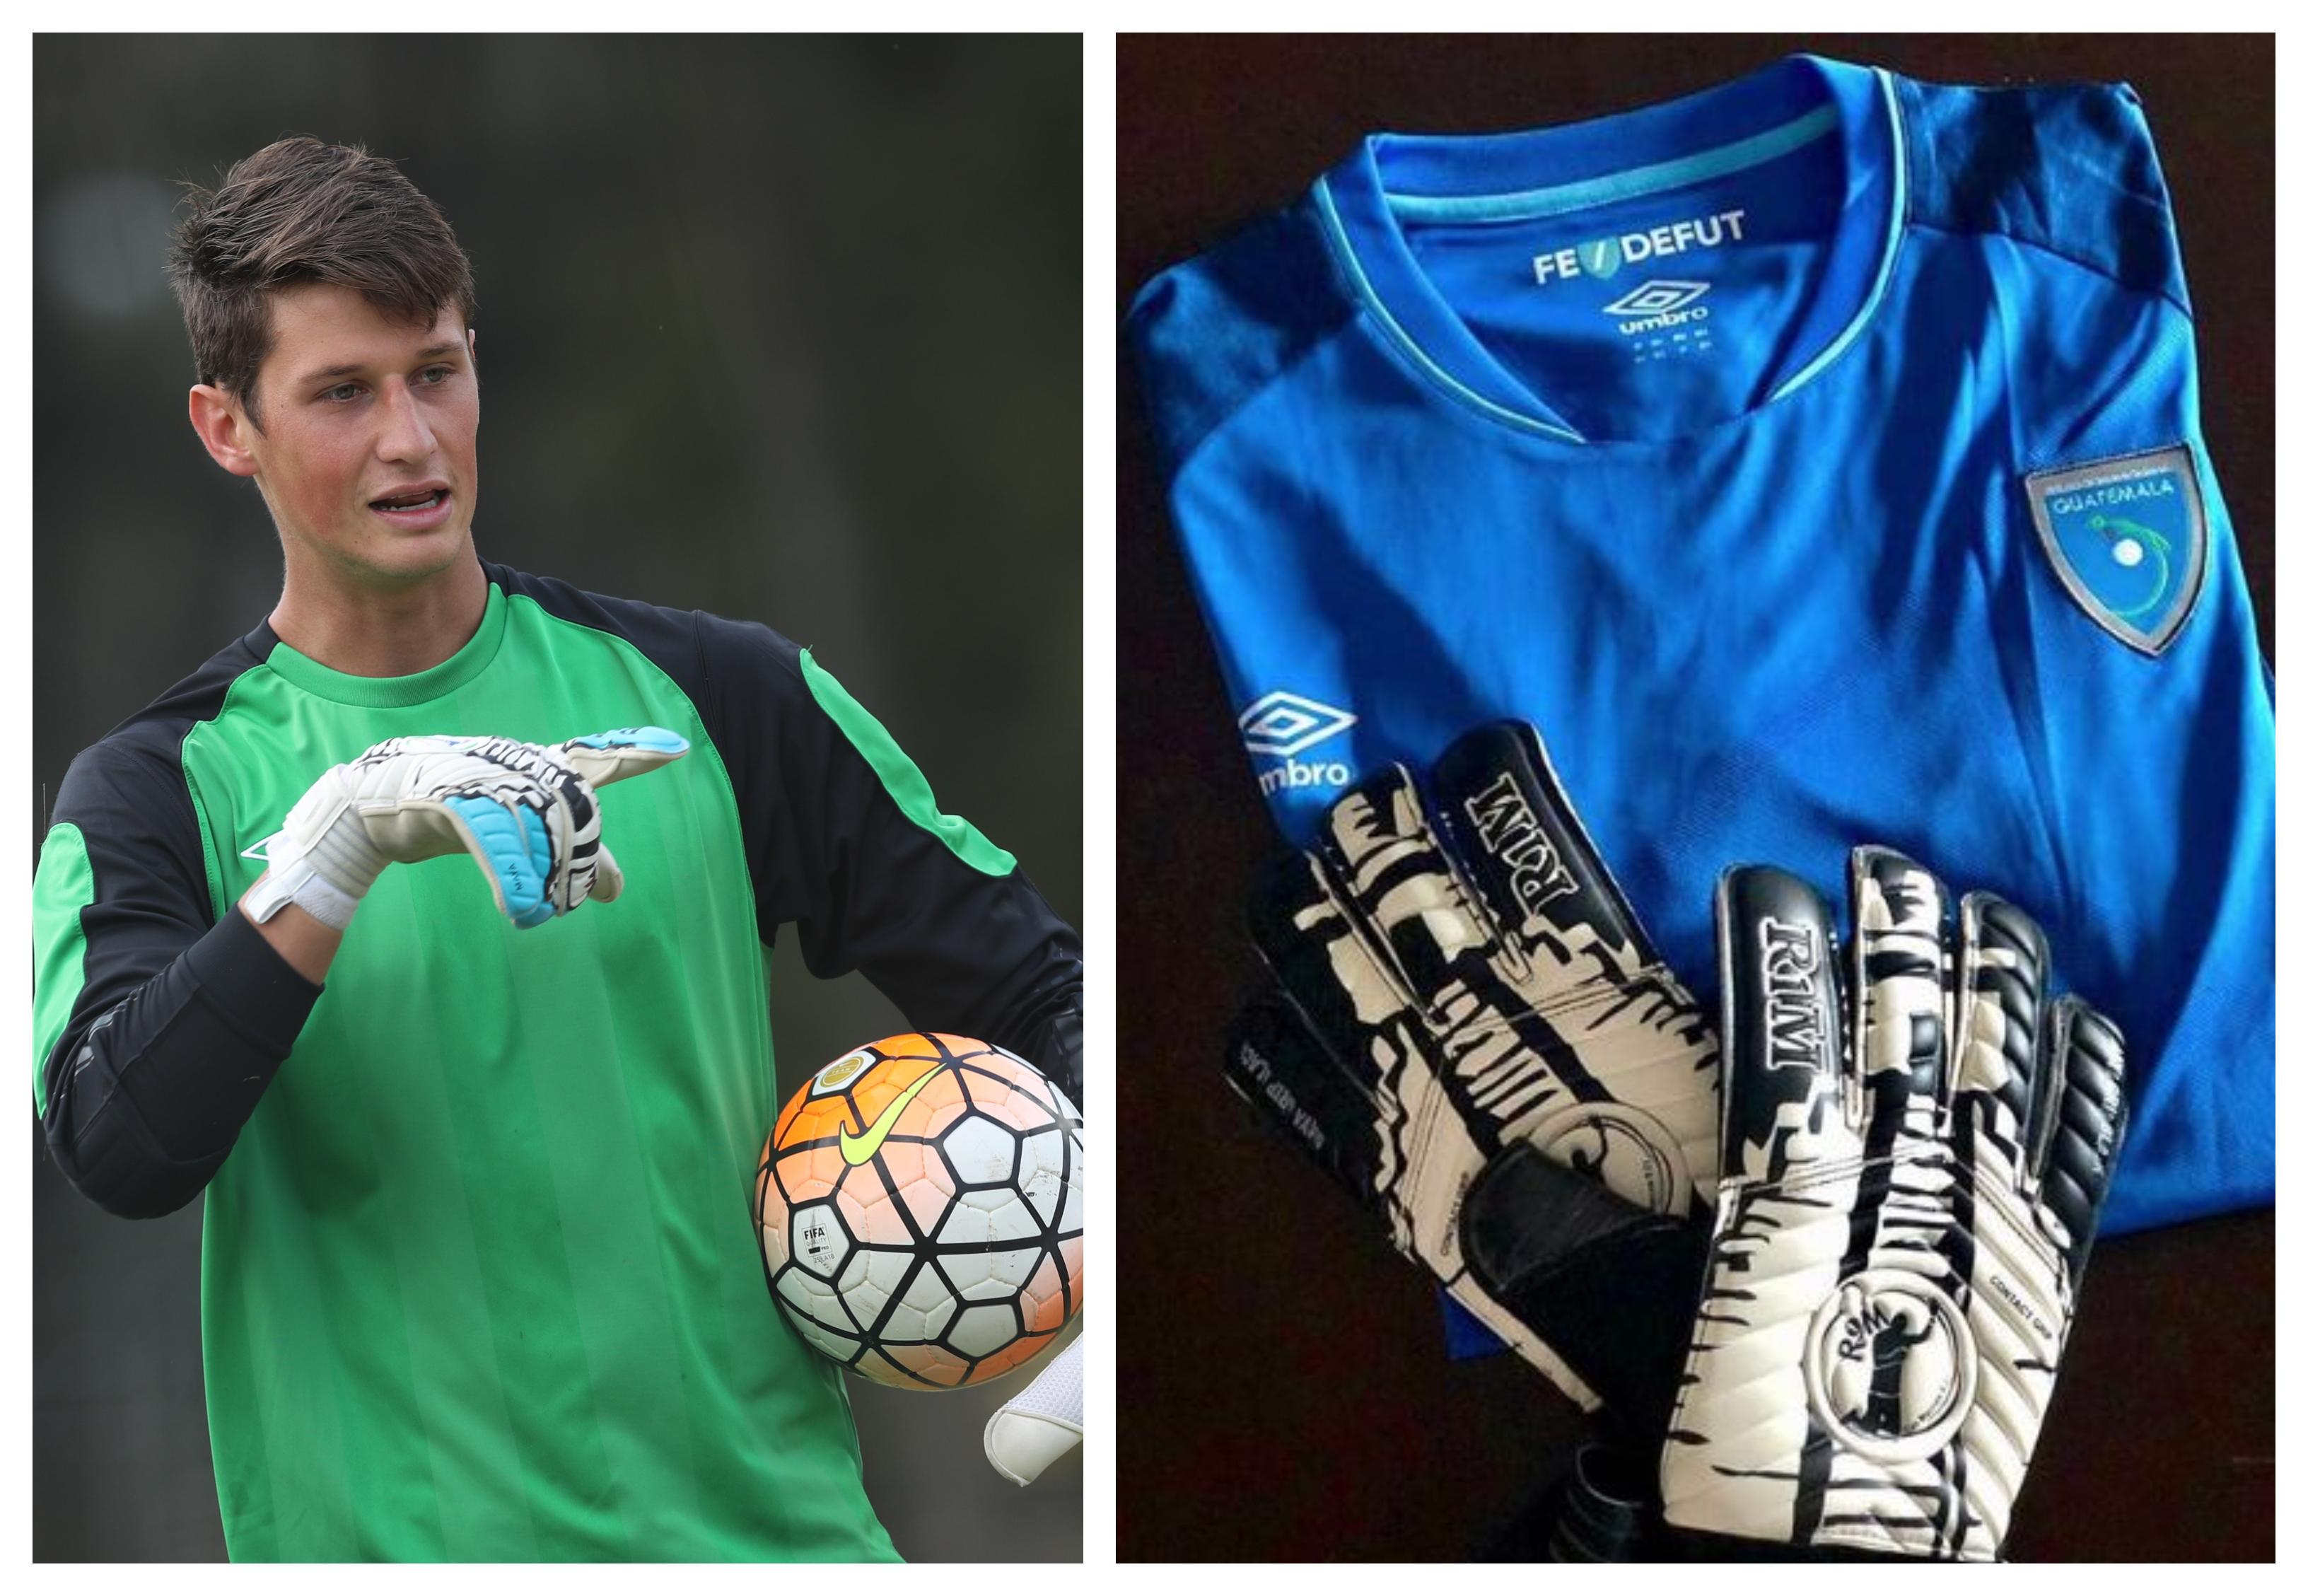 Nicholas Hagen, guardameta de la Selección Nacional. (Francisco Sánchez e Instagram)